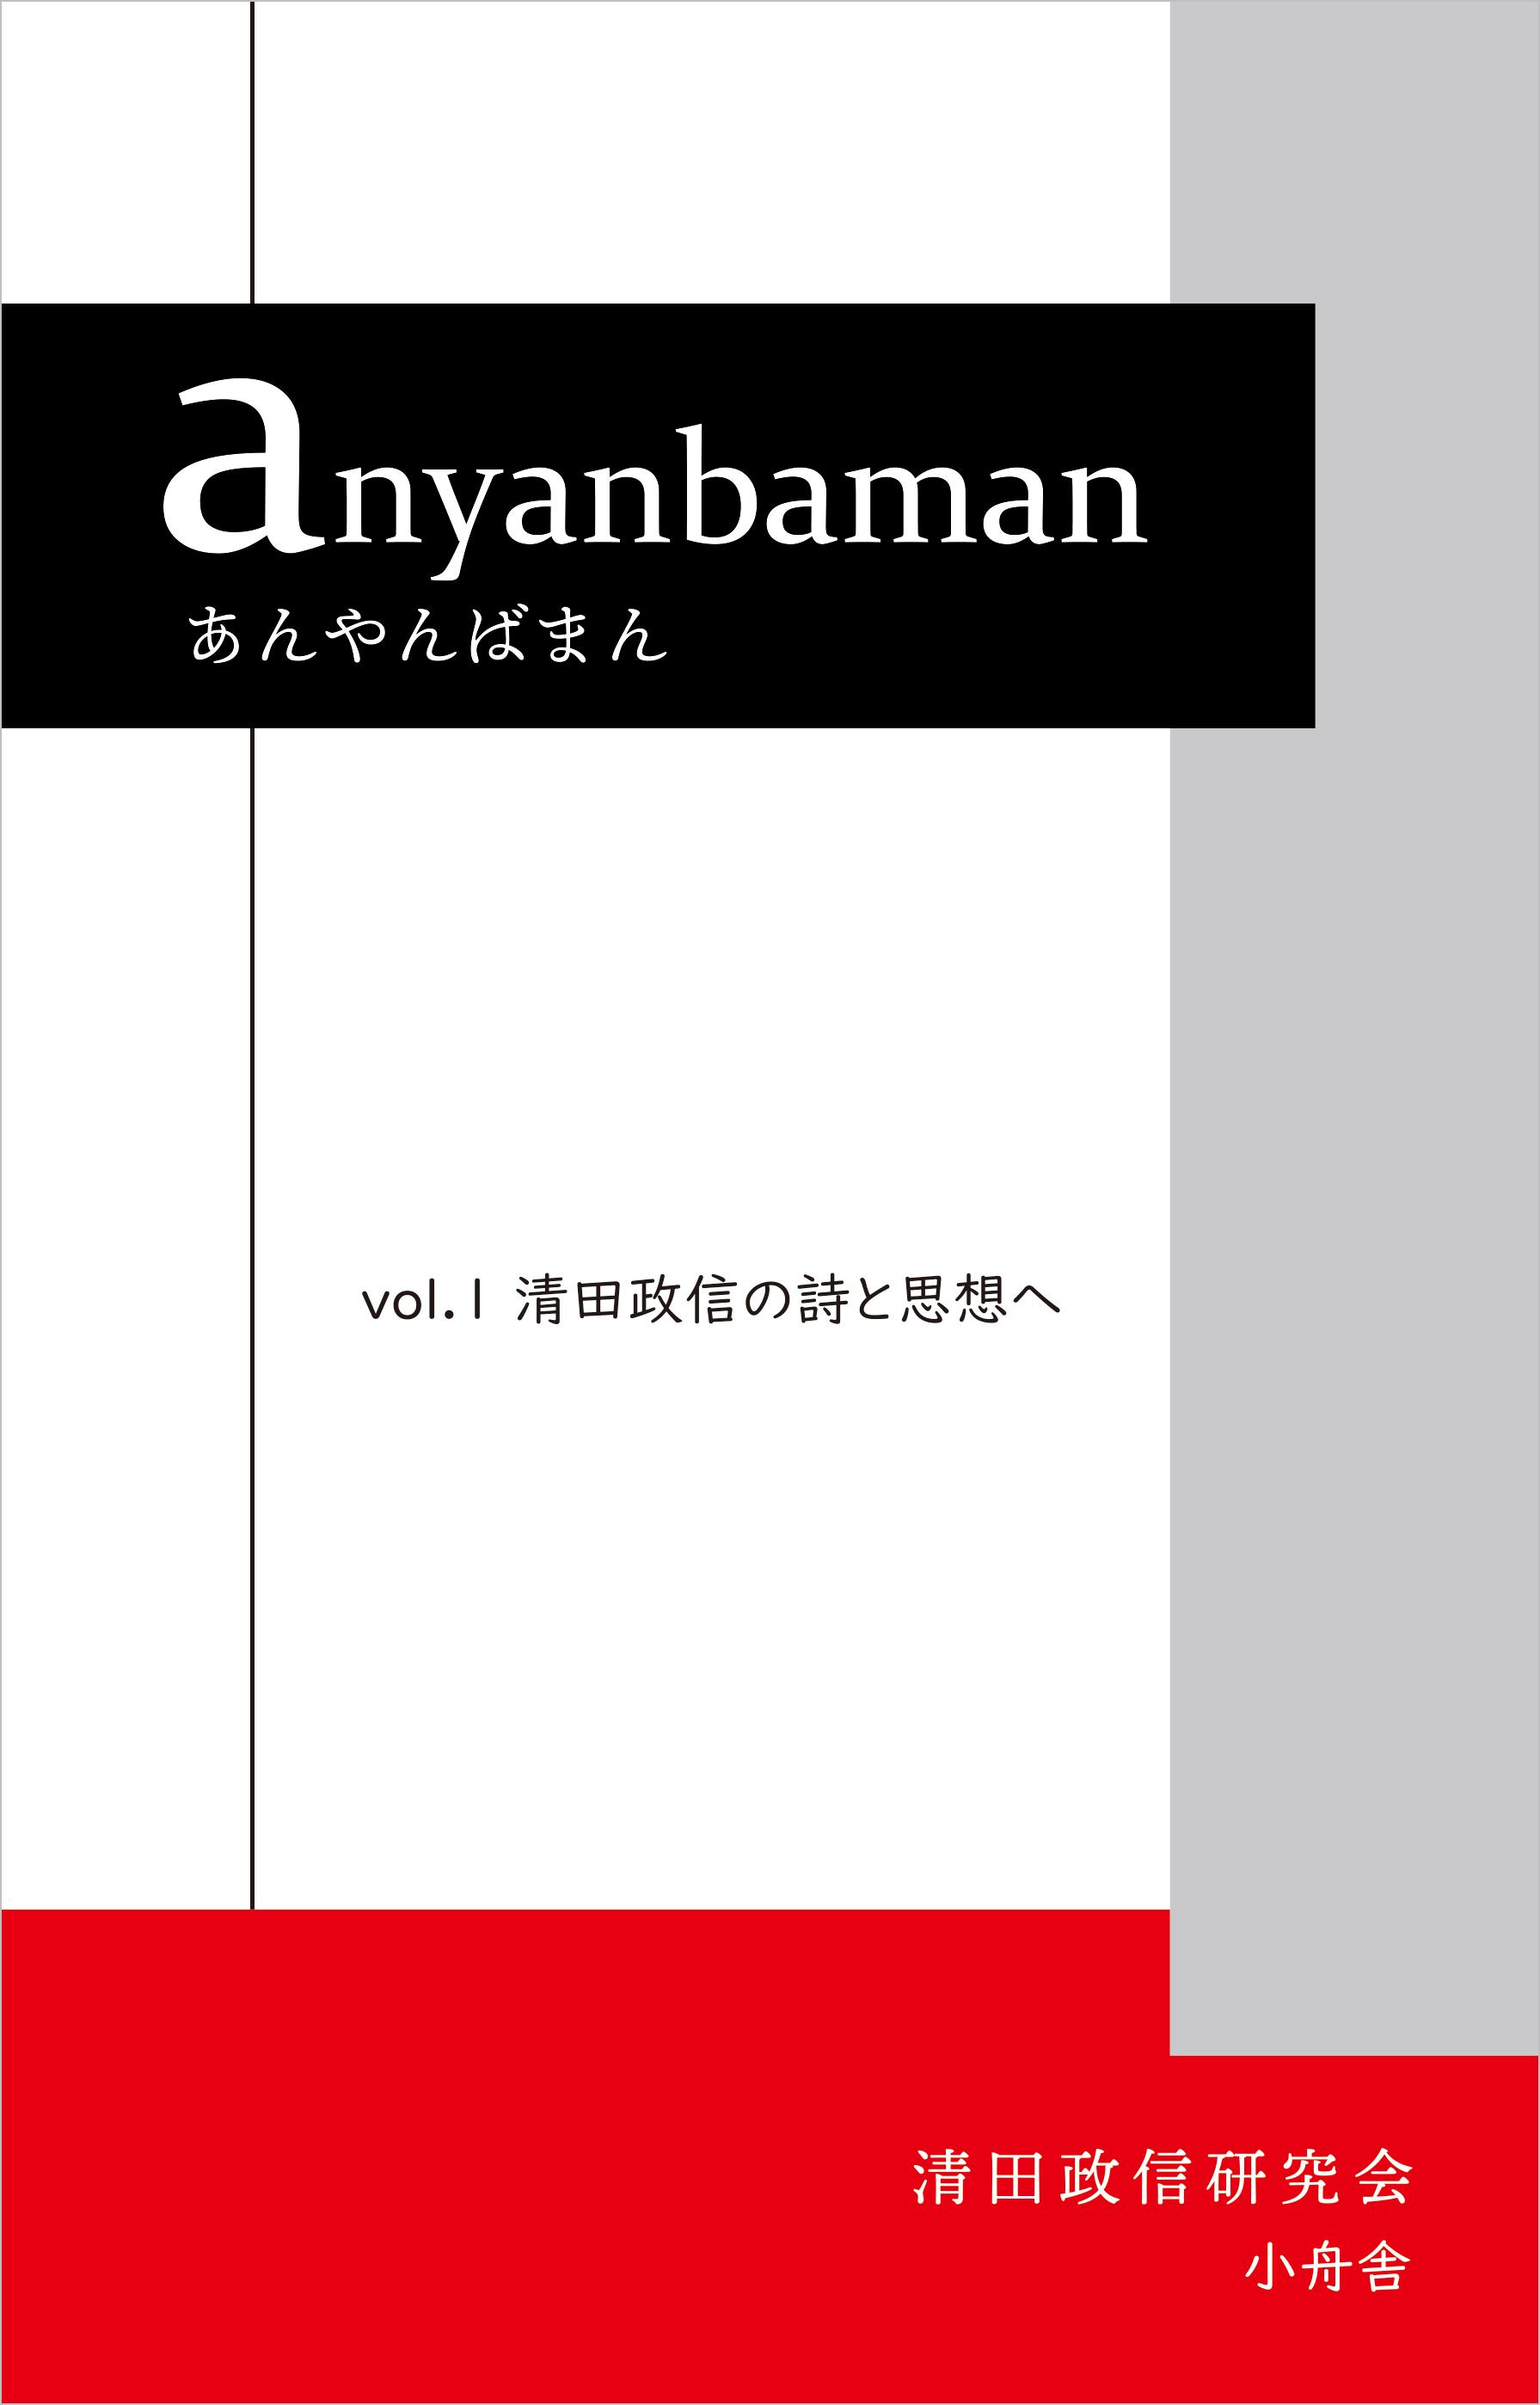 清田政信研究会 あんやんばまん anyanbaman vol.1 清田政信の詩と思想へ